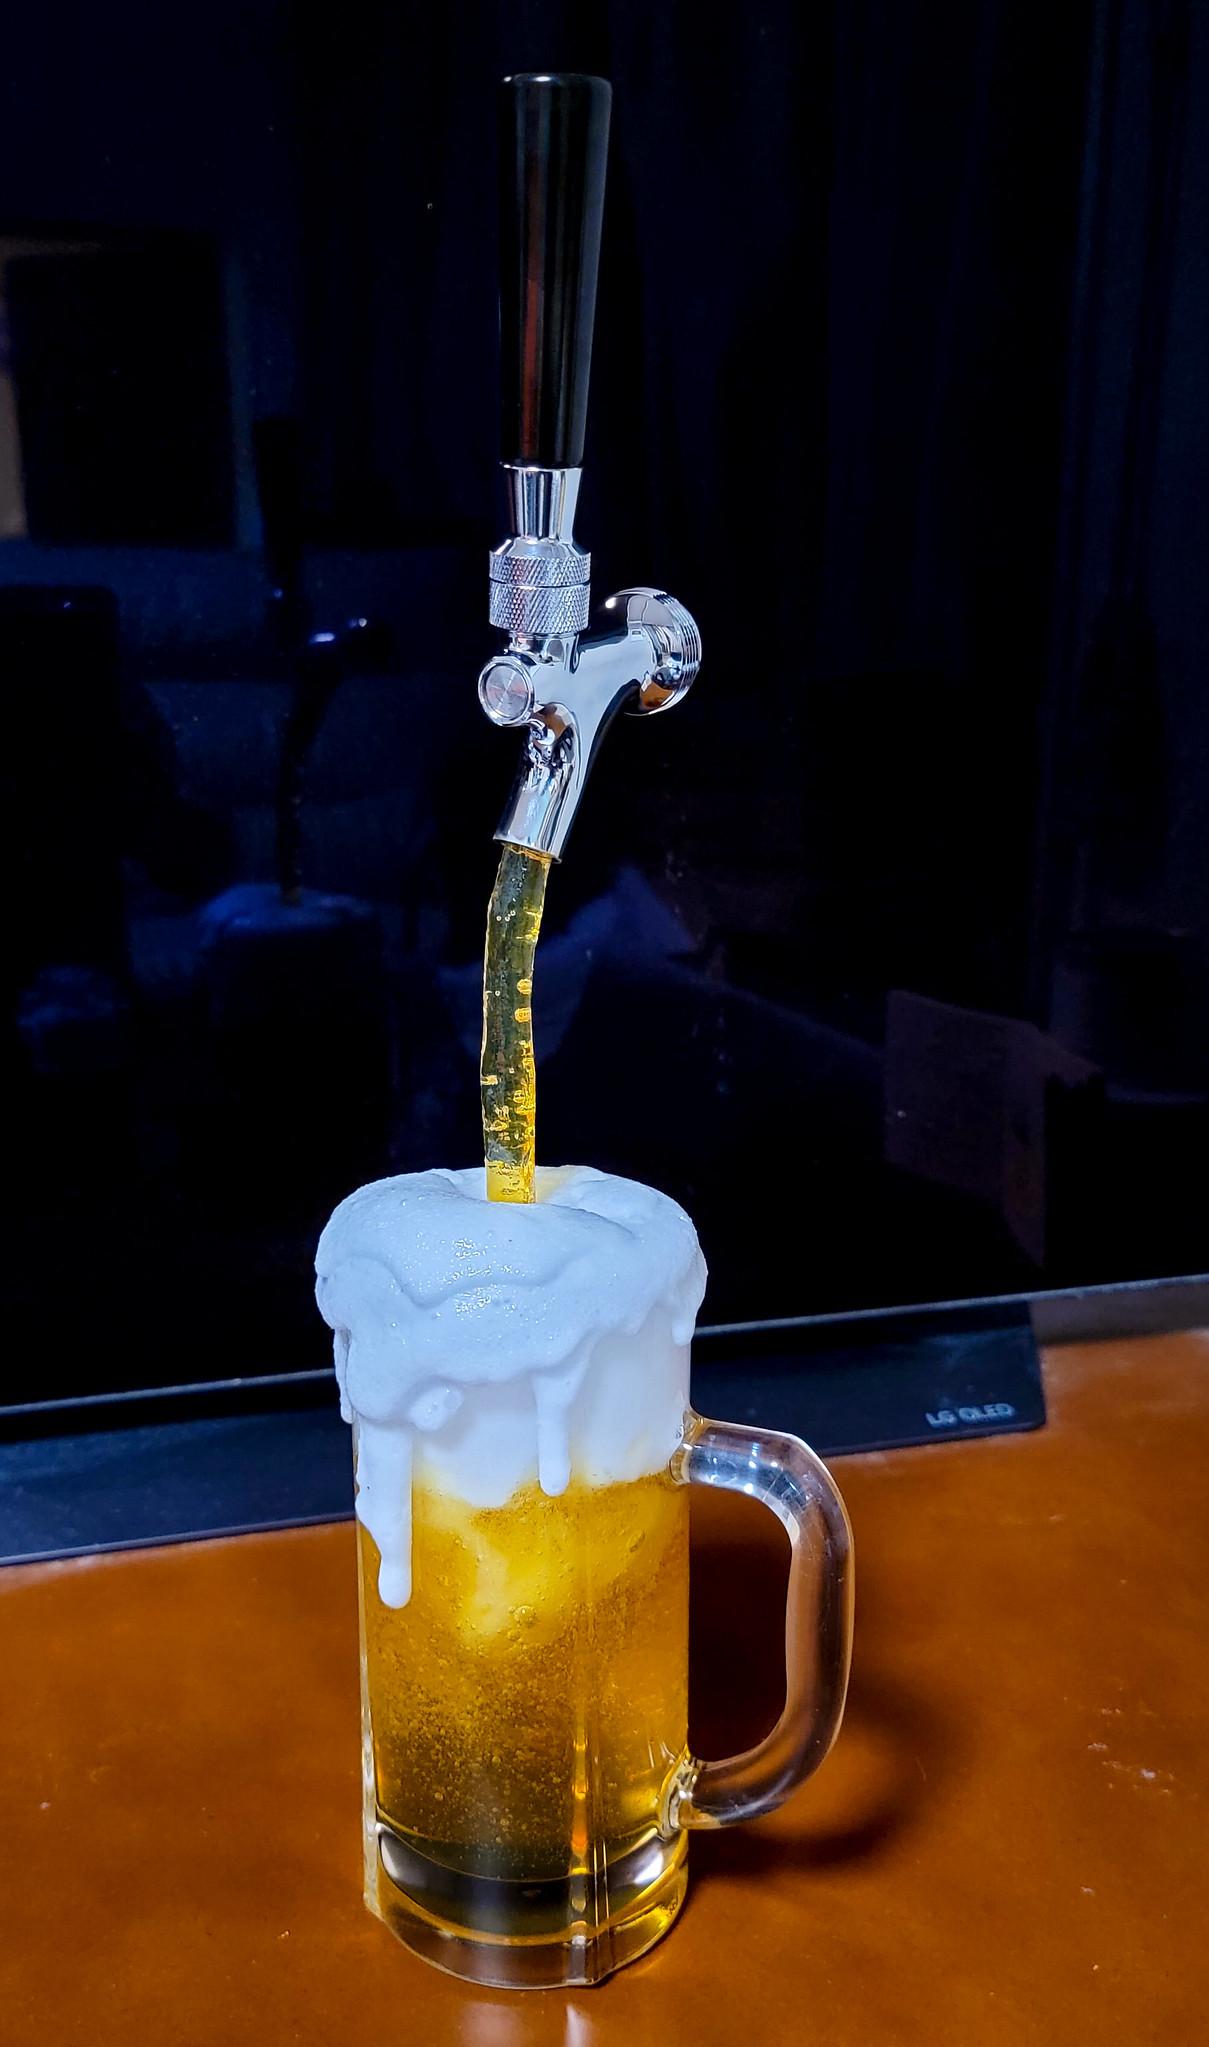 ビールサーバー 当選!?